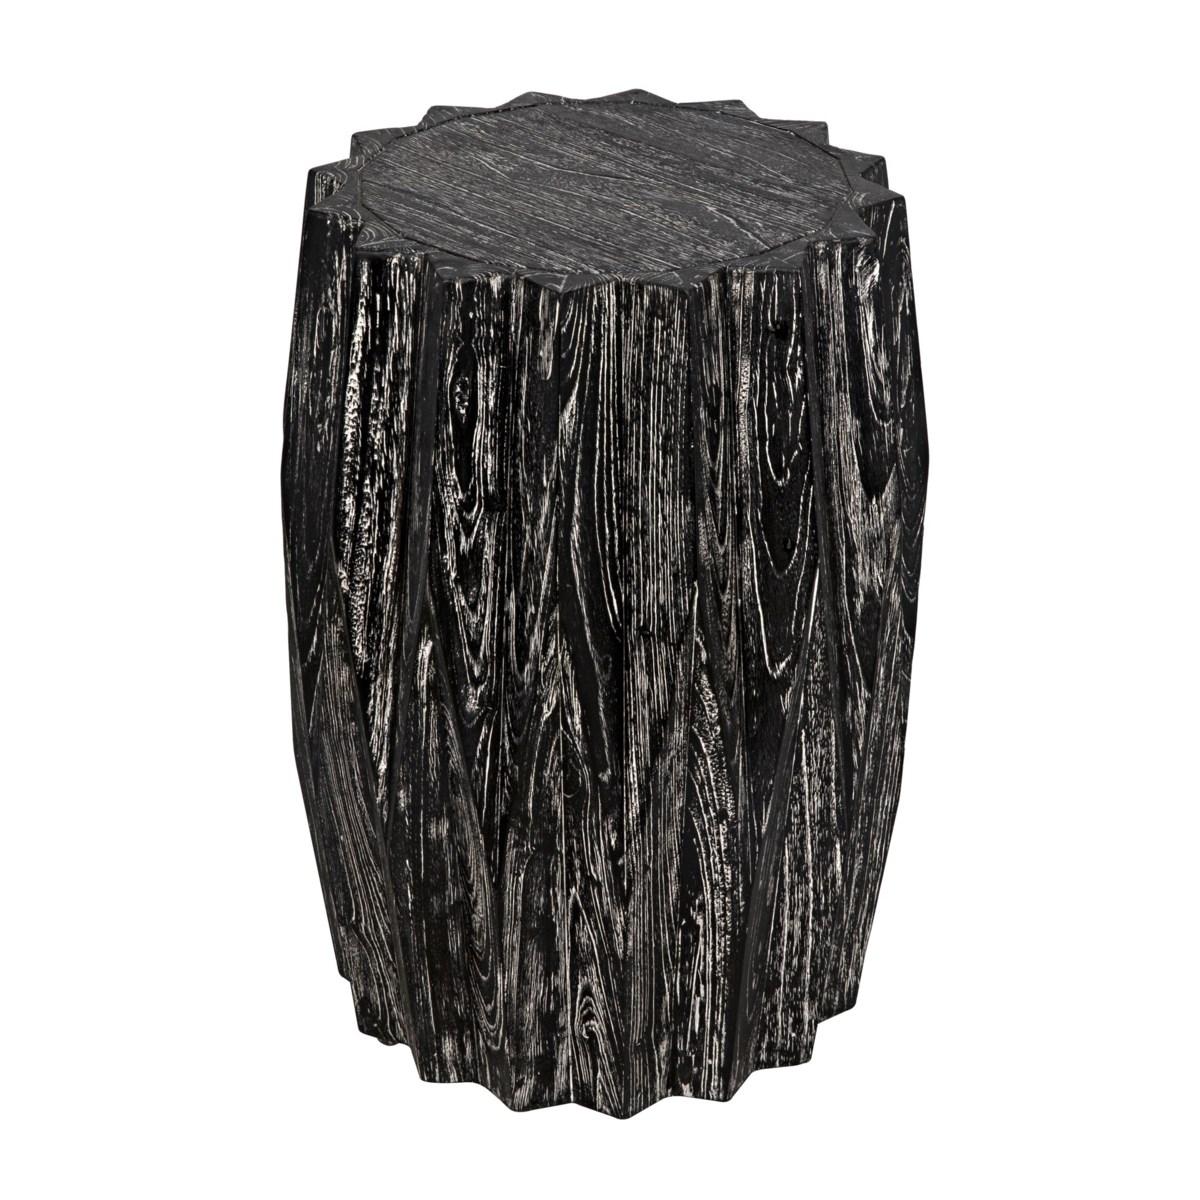 Tamela Stool of Side Table, Cinder Black